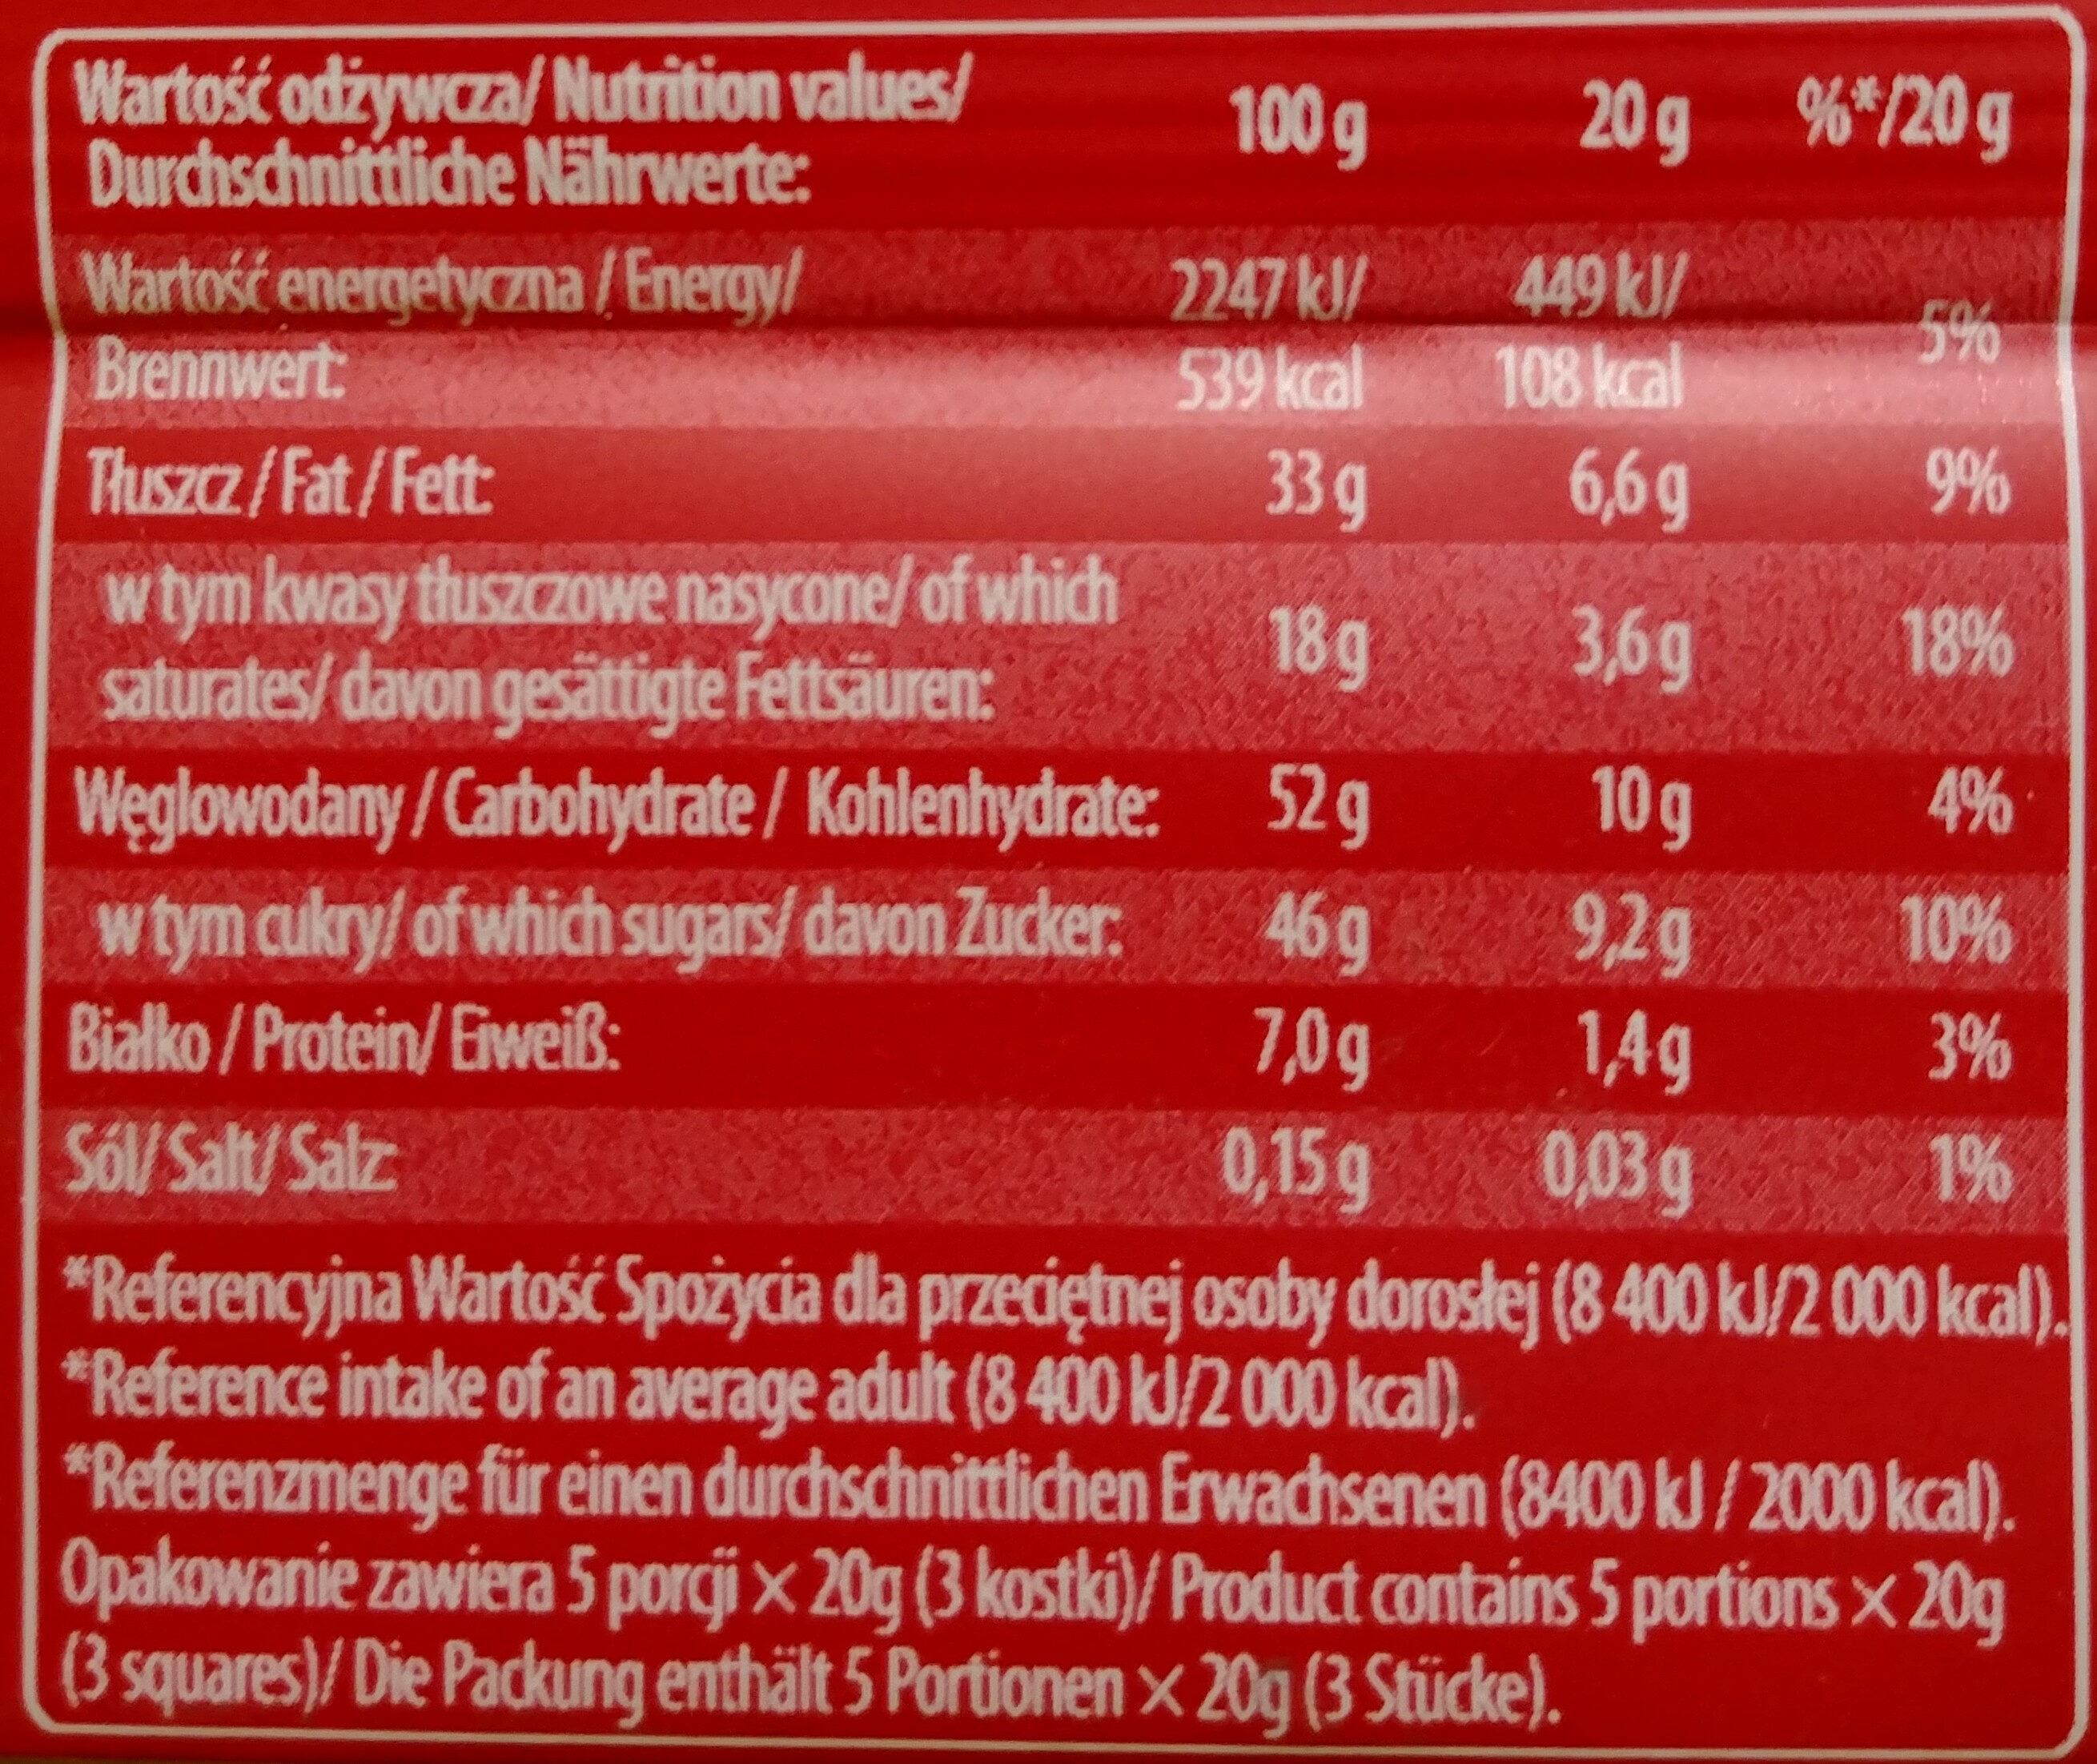 Czekolada mleczna z rodzynkami i orzeszkami arachidowymi - Voedigswaarden